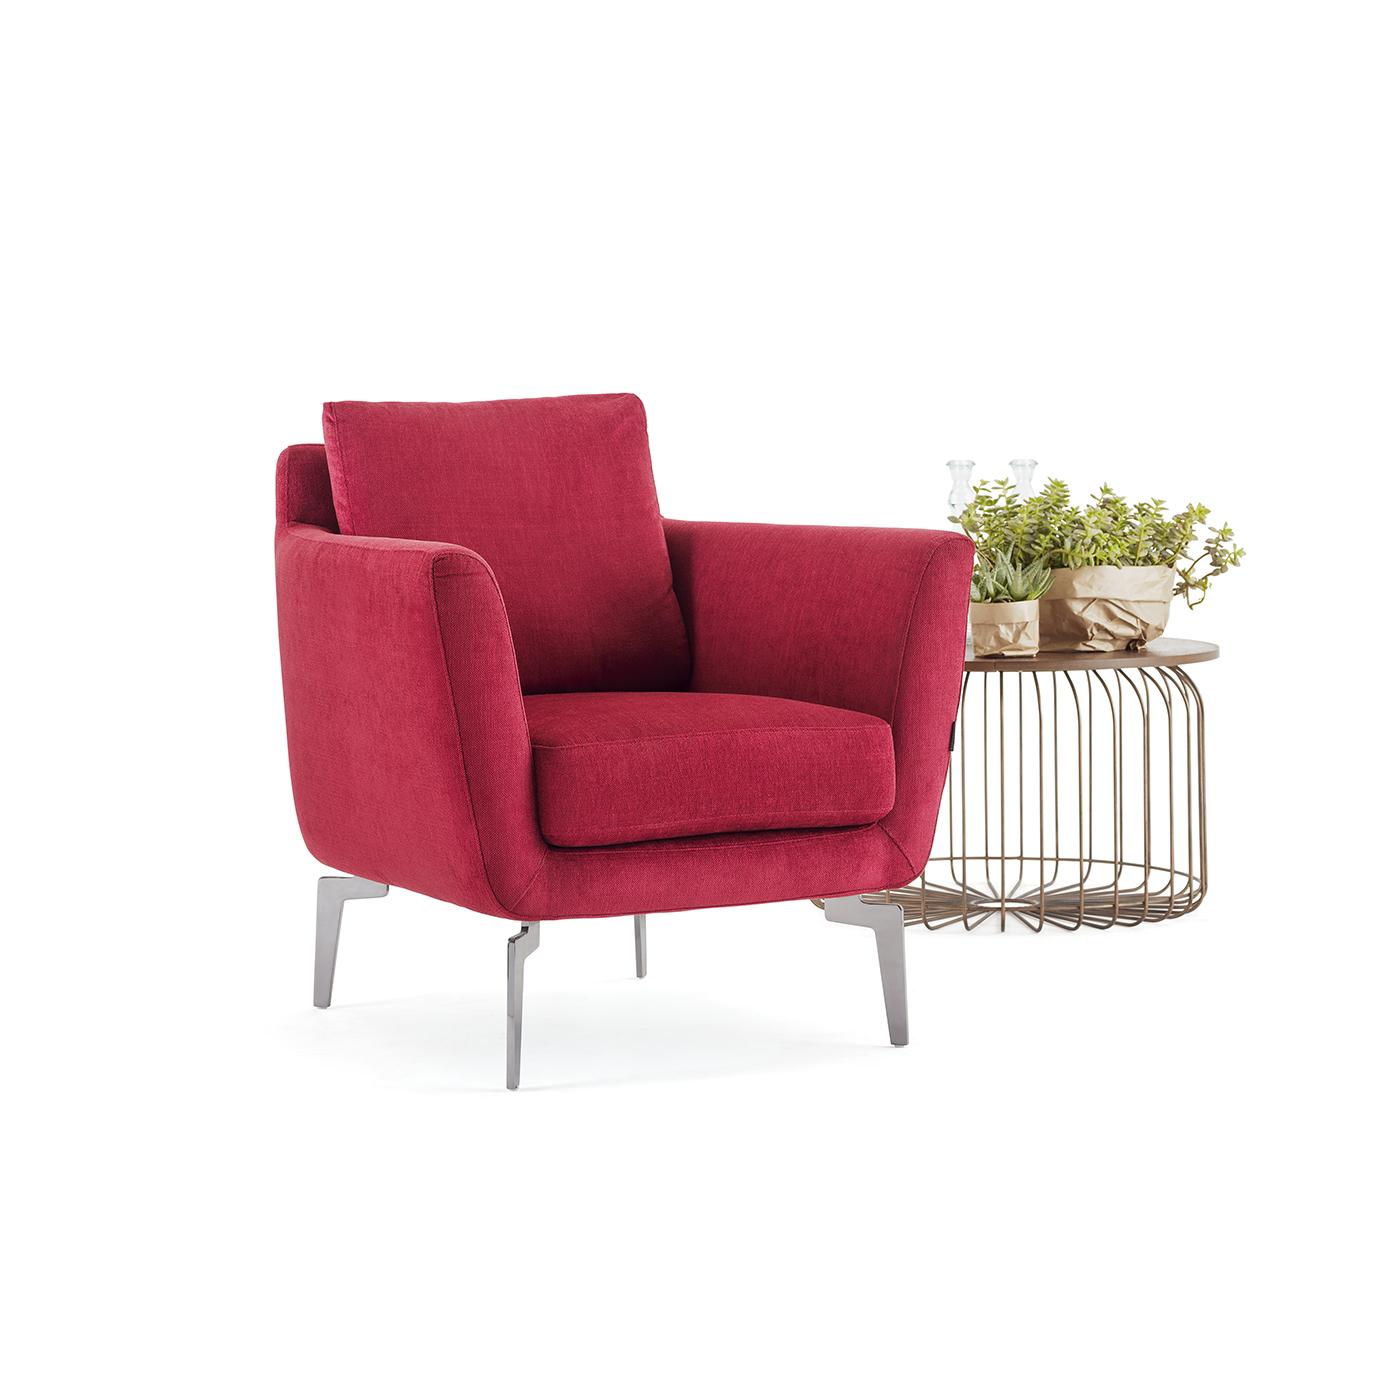 Ivan Moshe_משה עיואן_furniture_03.jpg